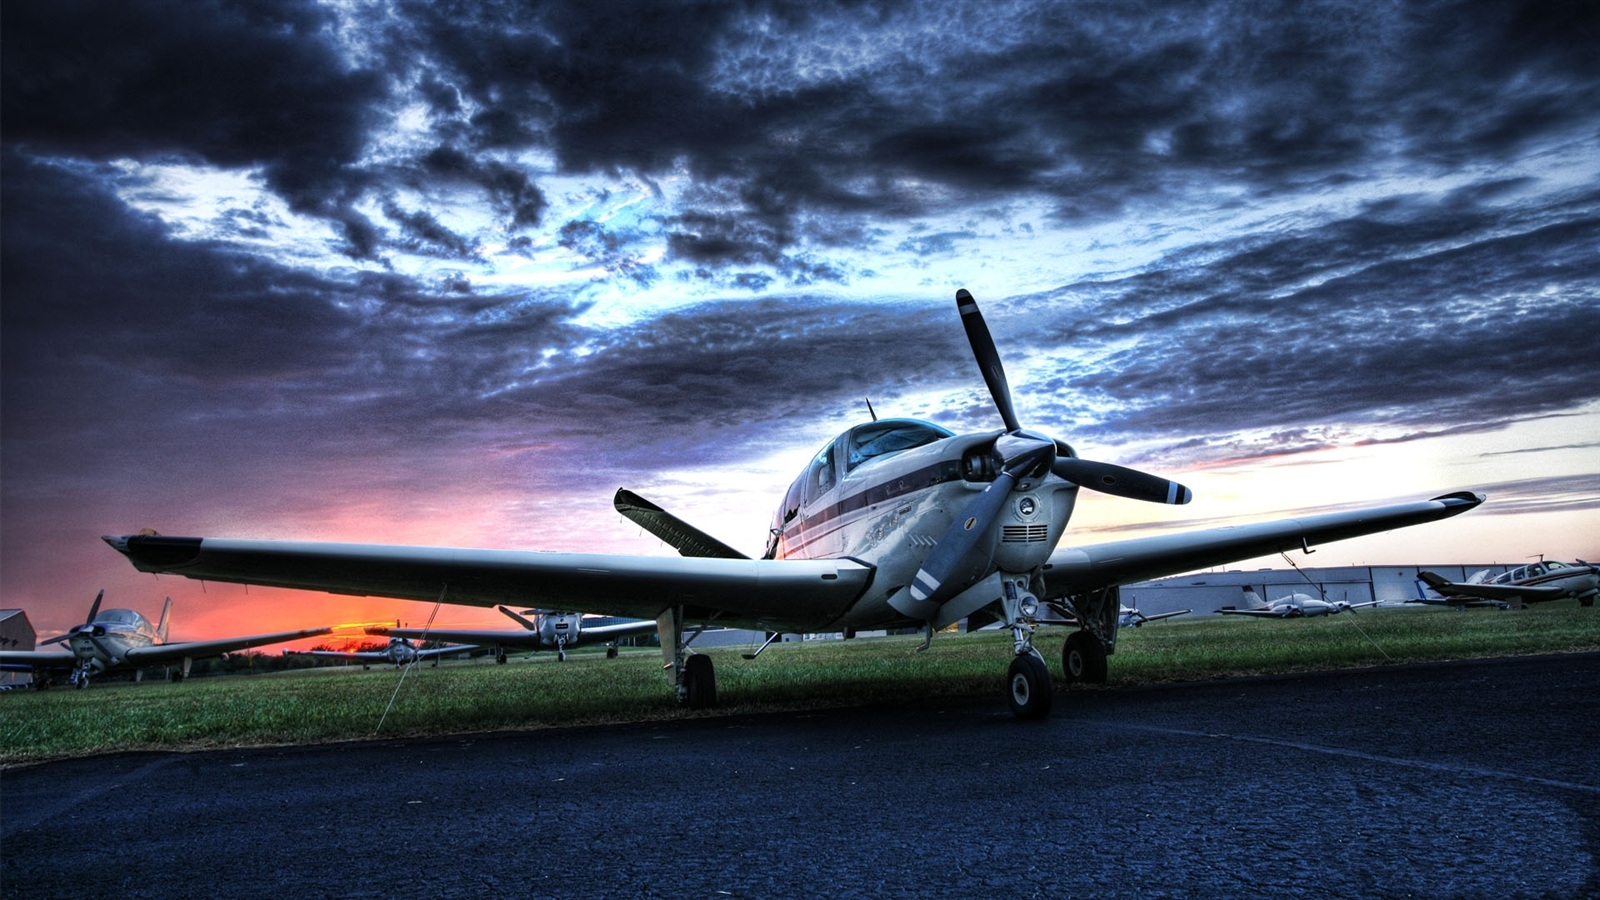 Живые картинки самолетов на рабочий стол